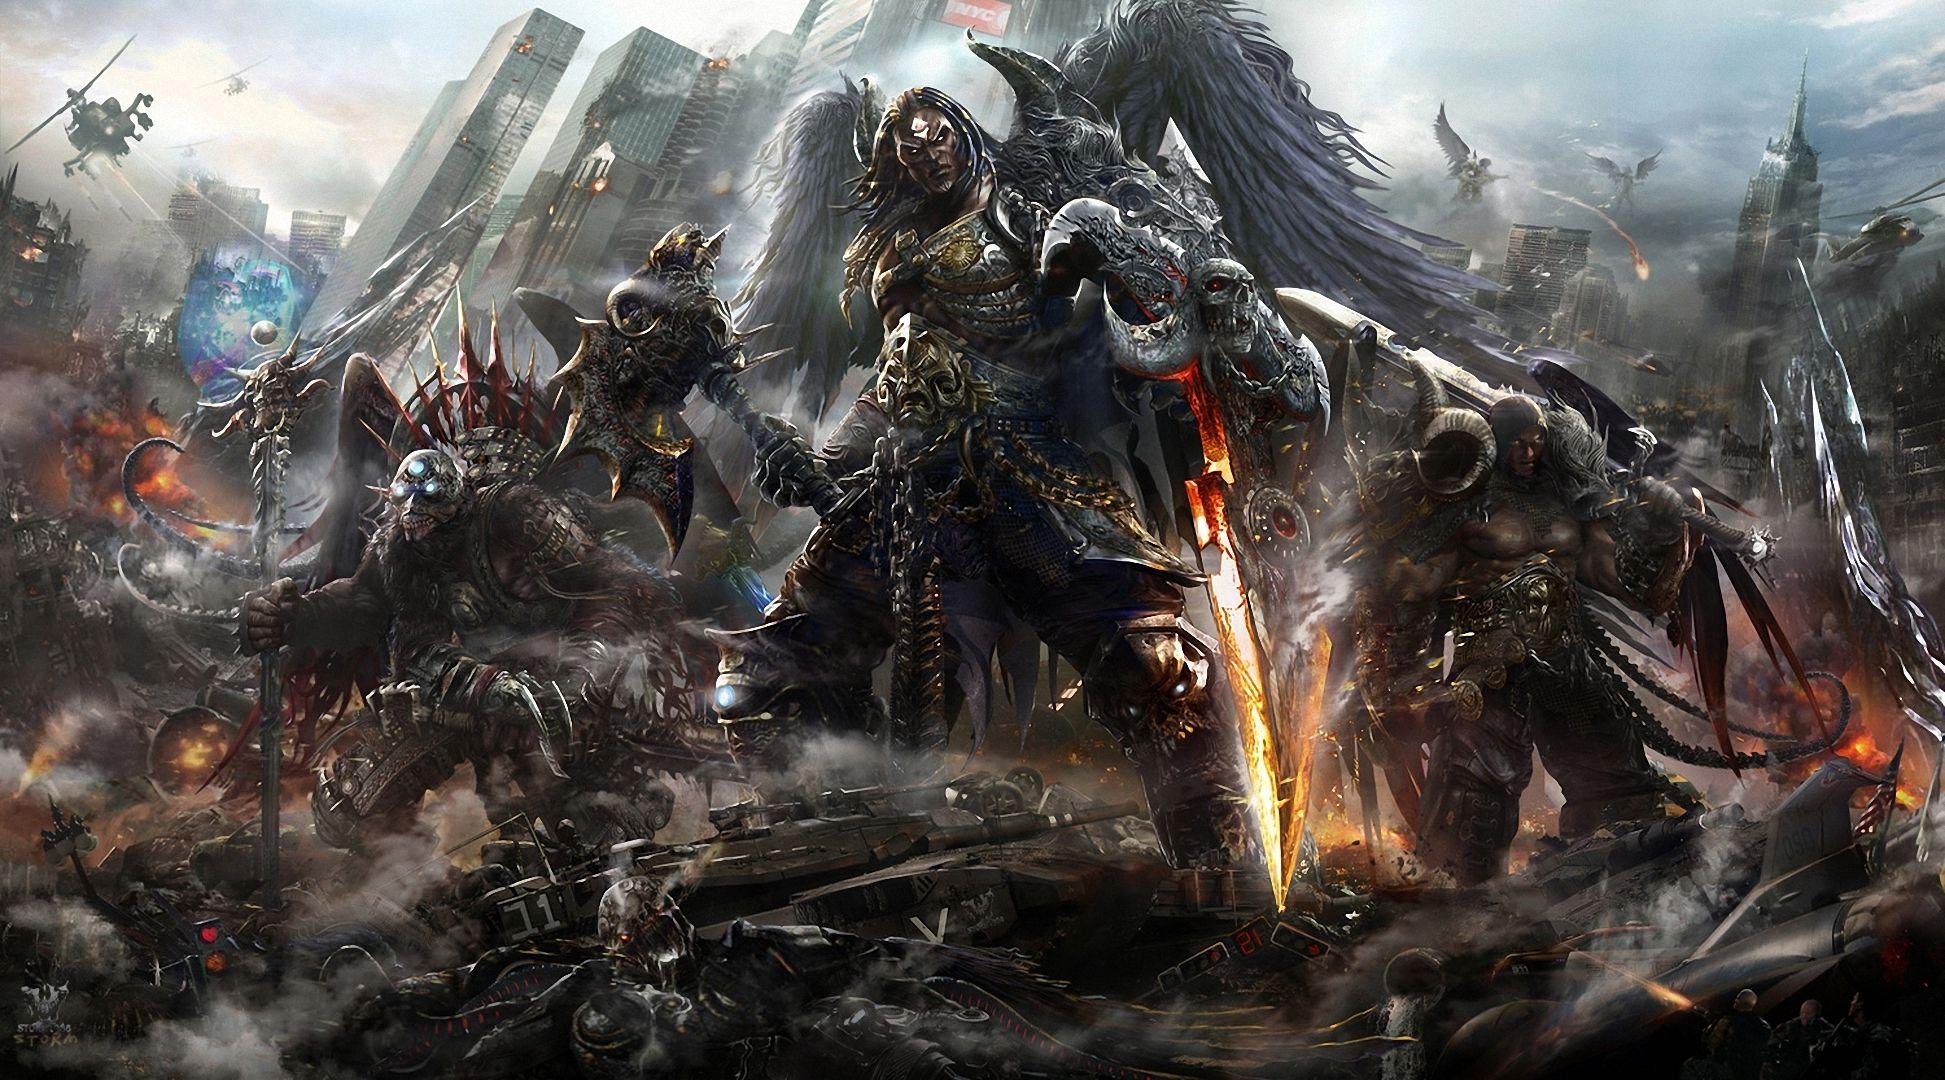 armor art battle demons fantasy games magic monsters warriors ...